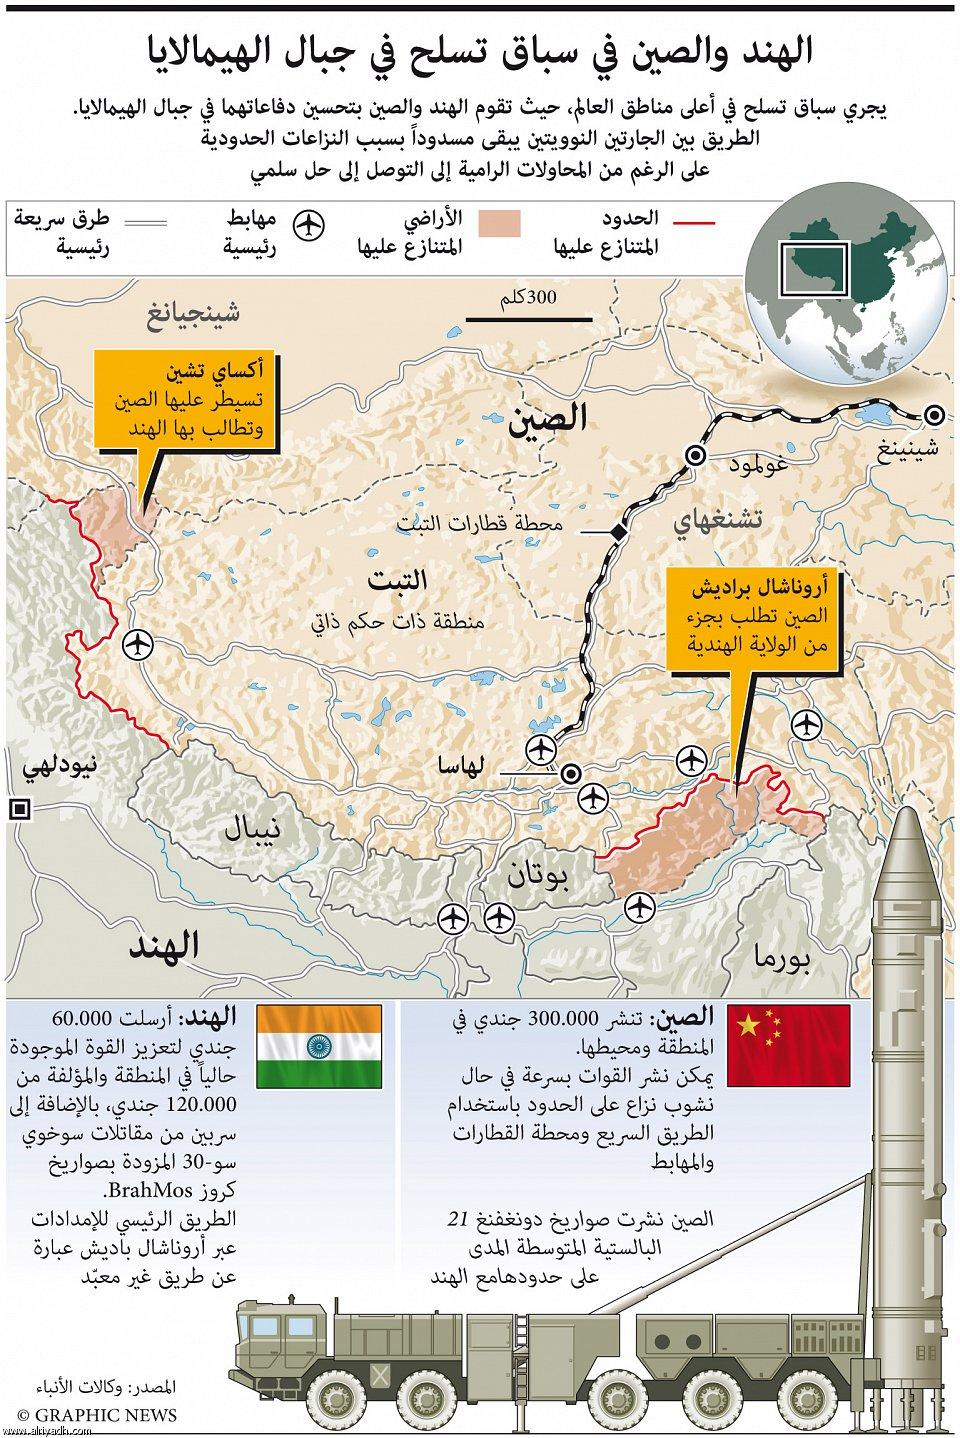 التوازن العسكرى فى الشرق الاوسط والعالم  951425682519